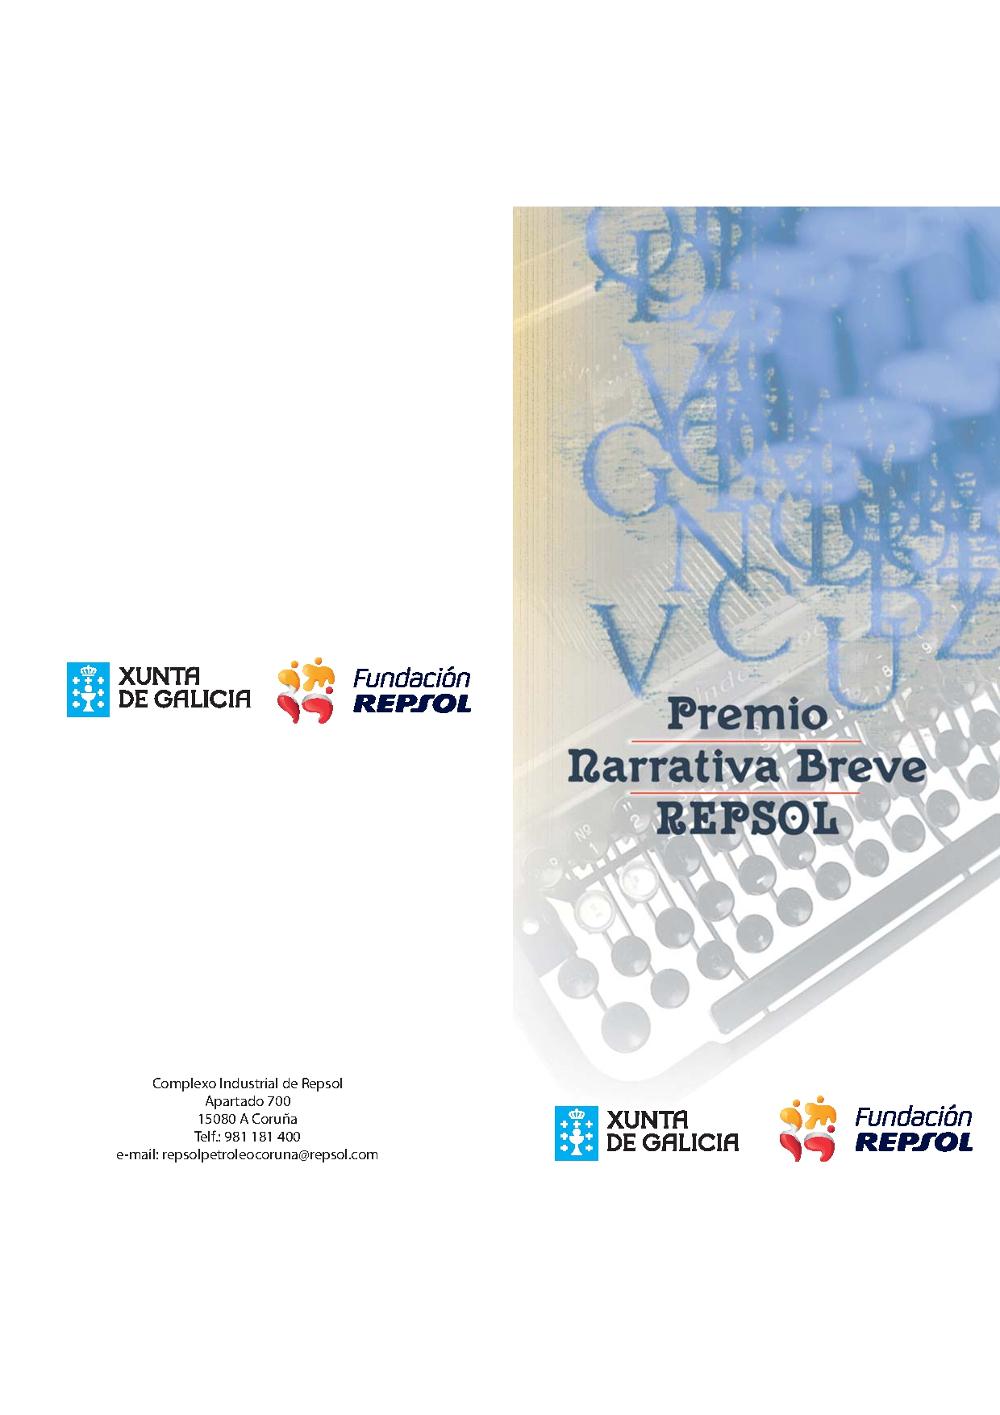 Premio Repsol 2016 1